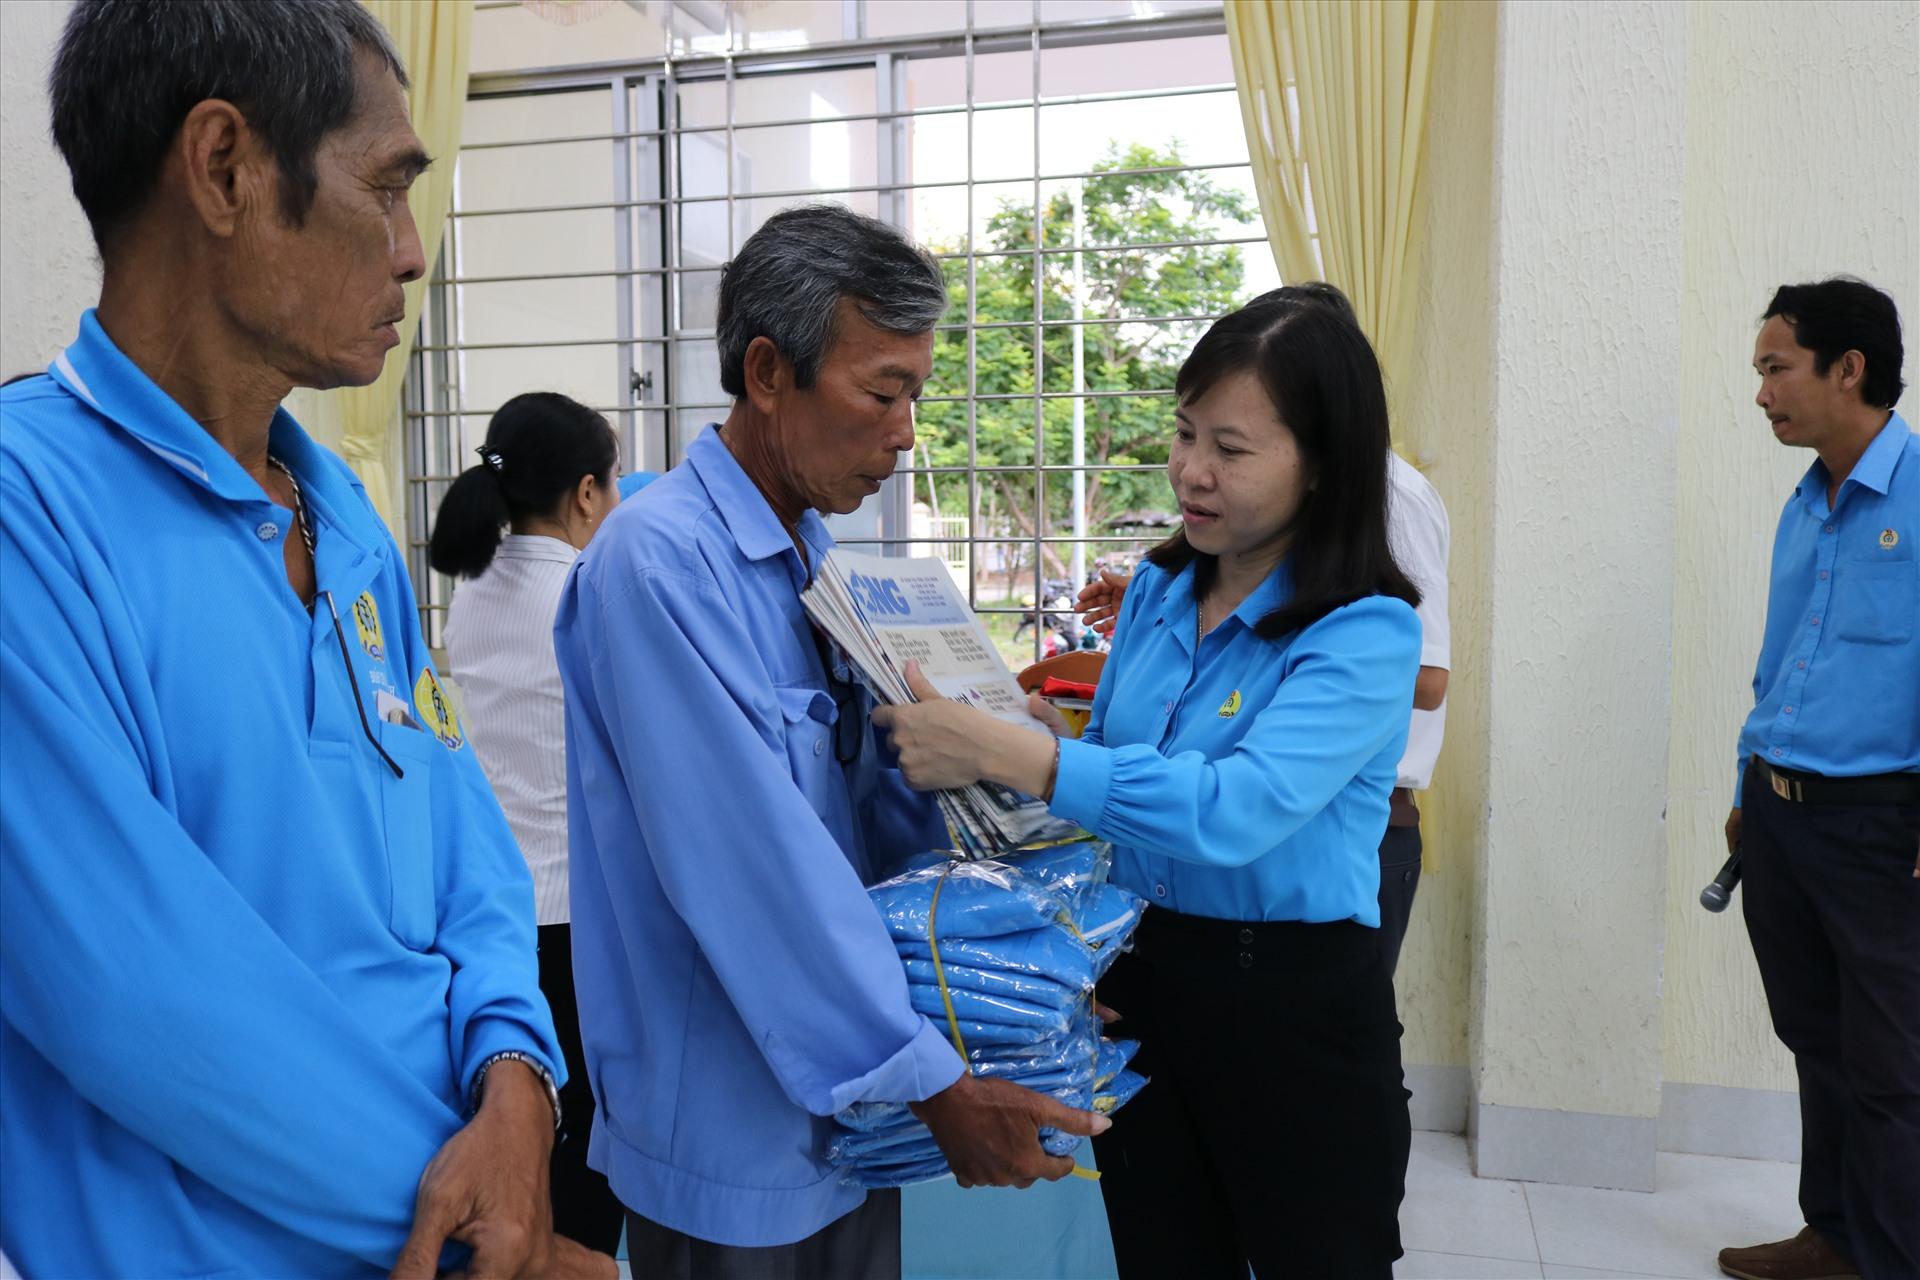 Chủ tịch LĐLĐ huyện Cao Lãnh Phạm Thị Xuân Mai trao tặng đồng phục và Báo Lao động cho đoàn viên nghiệp đoàn. Ảnh: HL